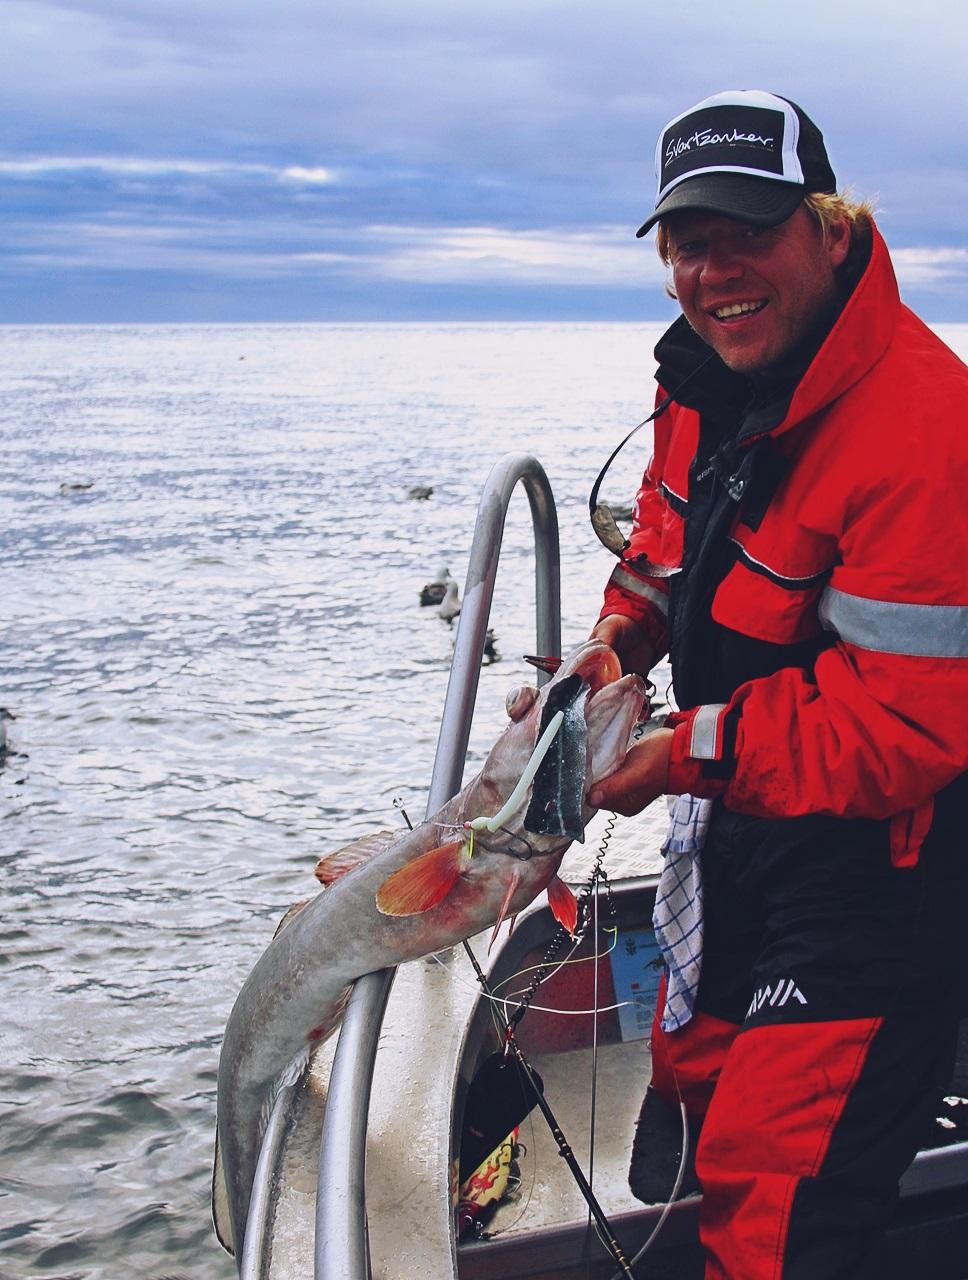 så var vi i gang med fiske på bunnen